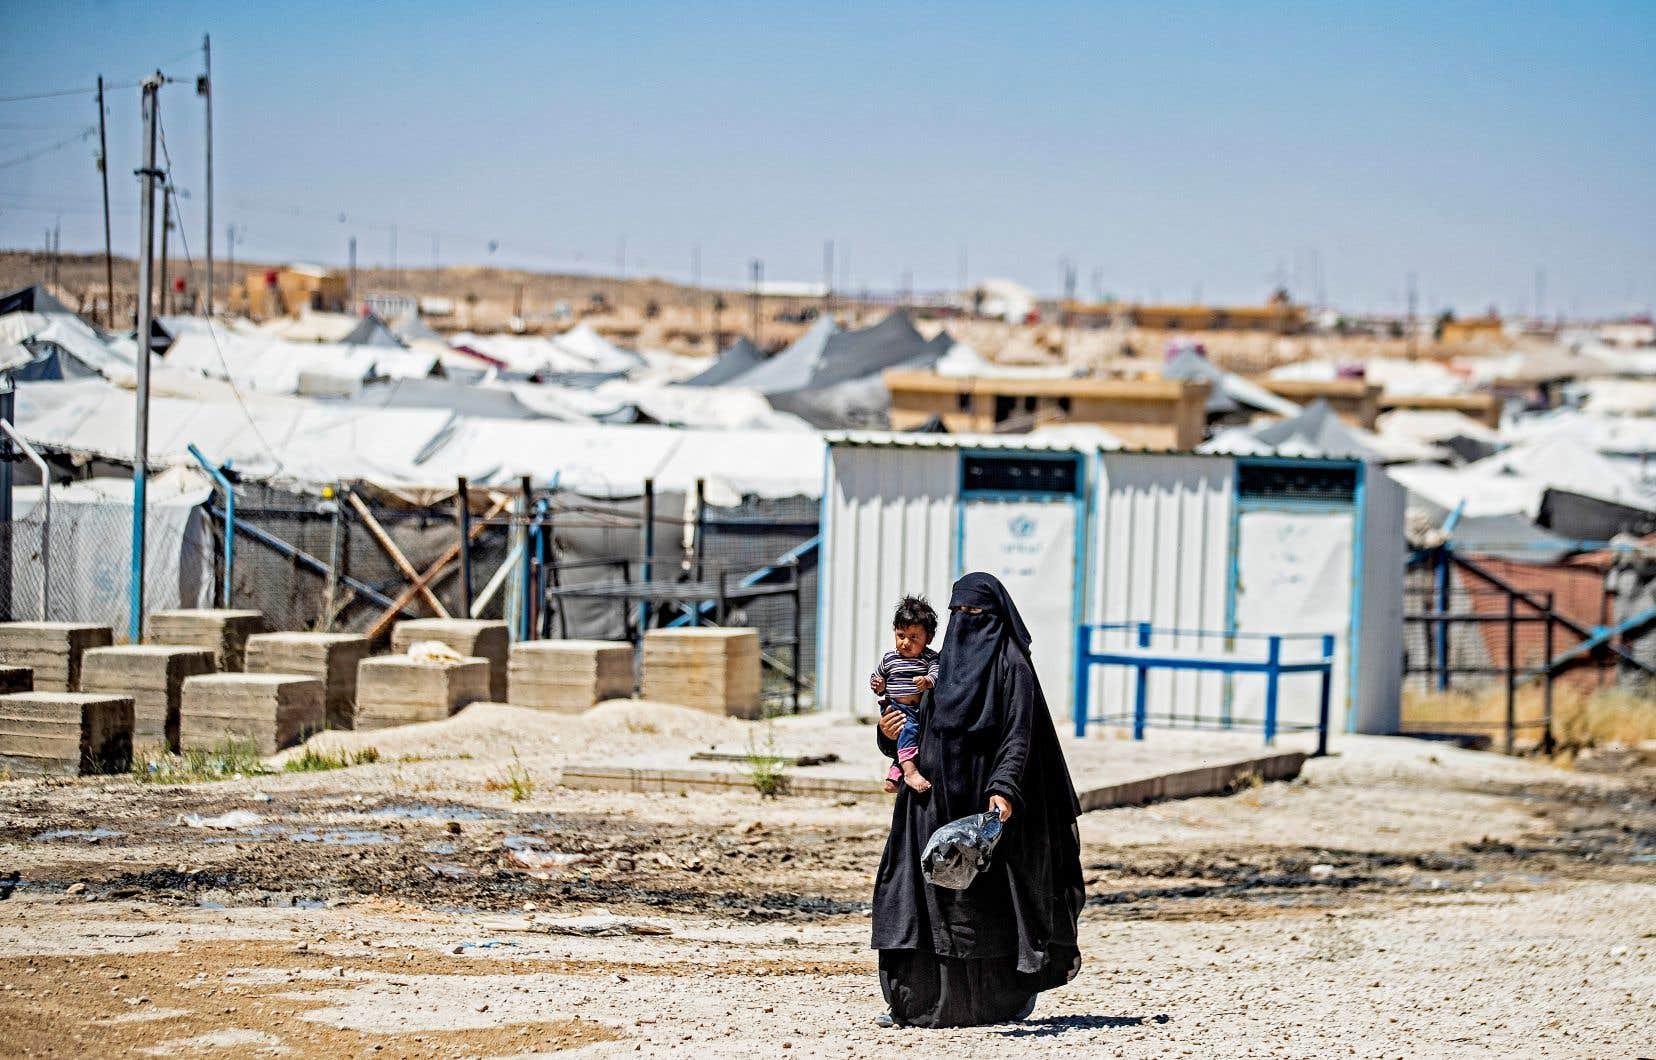 Environ 10 000 combattants présumés du groupe armé État islamique et leurs familles, dont des Canadiens, sont maintenus dans des camps de détention au nord de la Syrie. En photo, des prisonniers étaient libérés du camp Al-Hol, sous contrôle kurde, le 2 juin dernier.